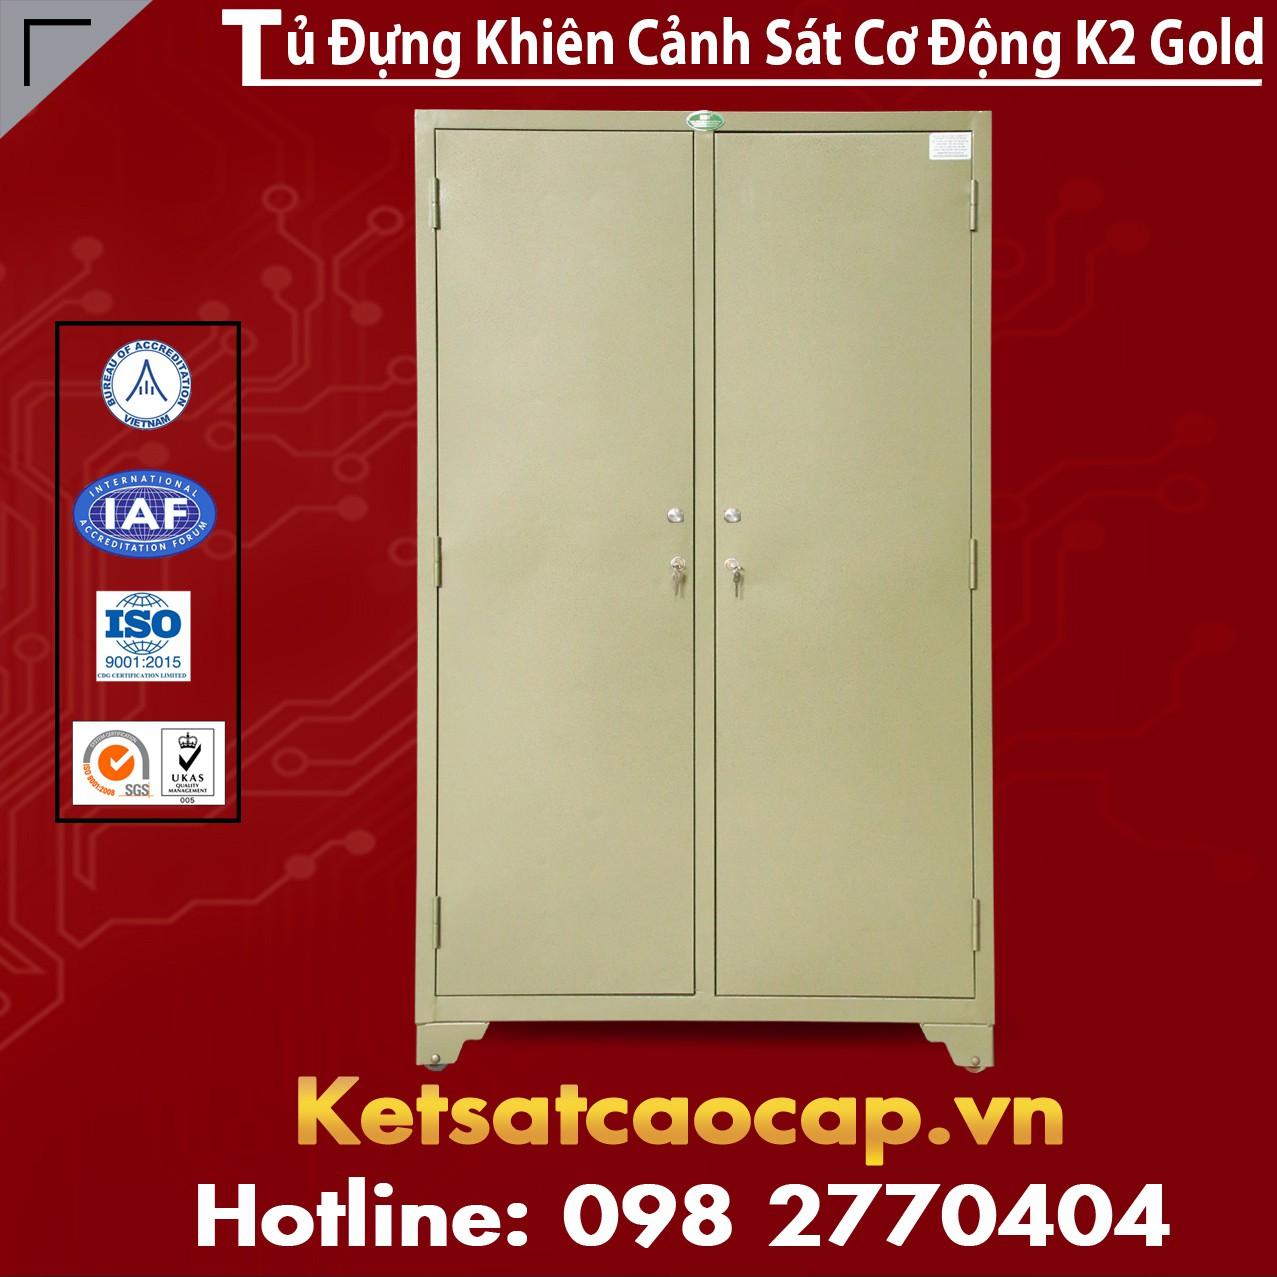 Tủ Đựng Khiên Cảnh Sát Cơ Động K2 Gold